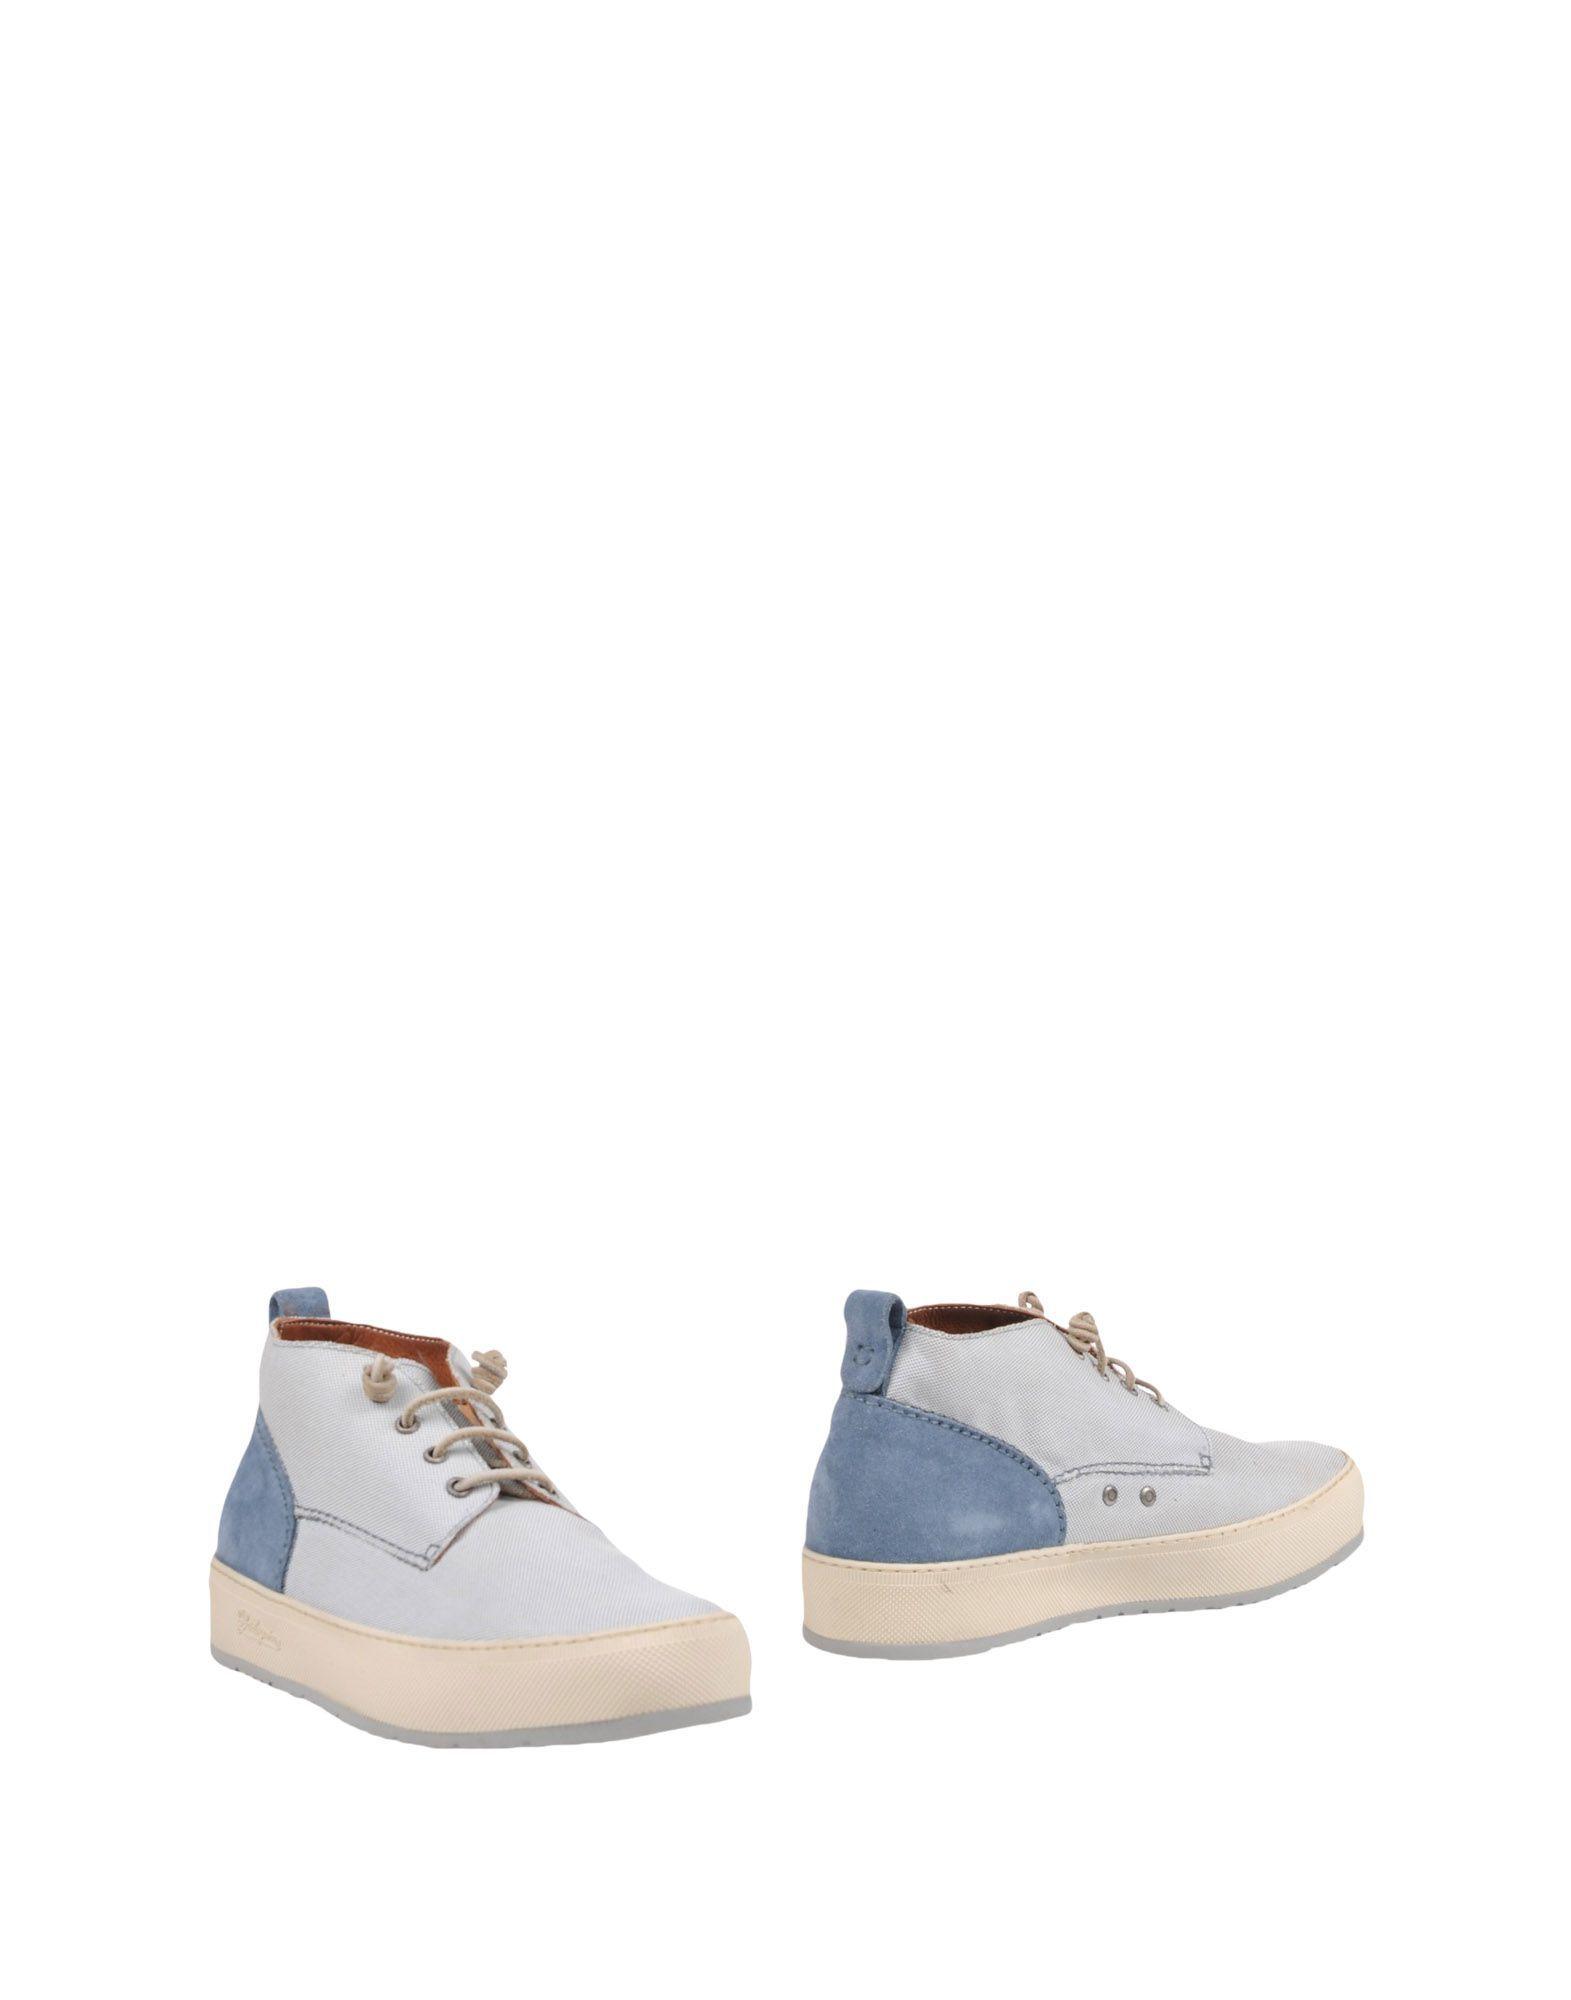 Barleycorn ANKLE BARLEYCORN BOOTS shoes barleycorn Men qIqvHZd